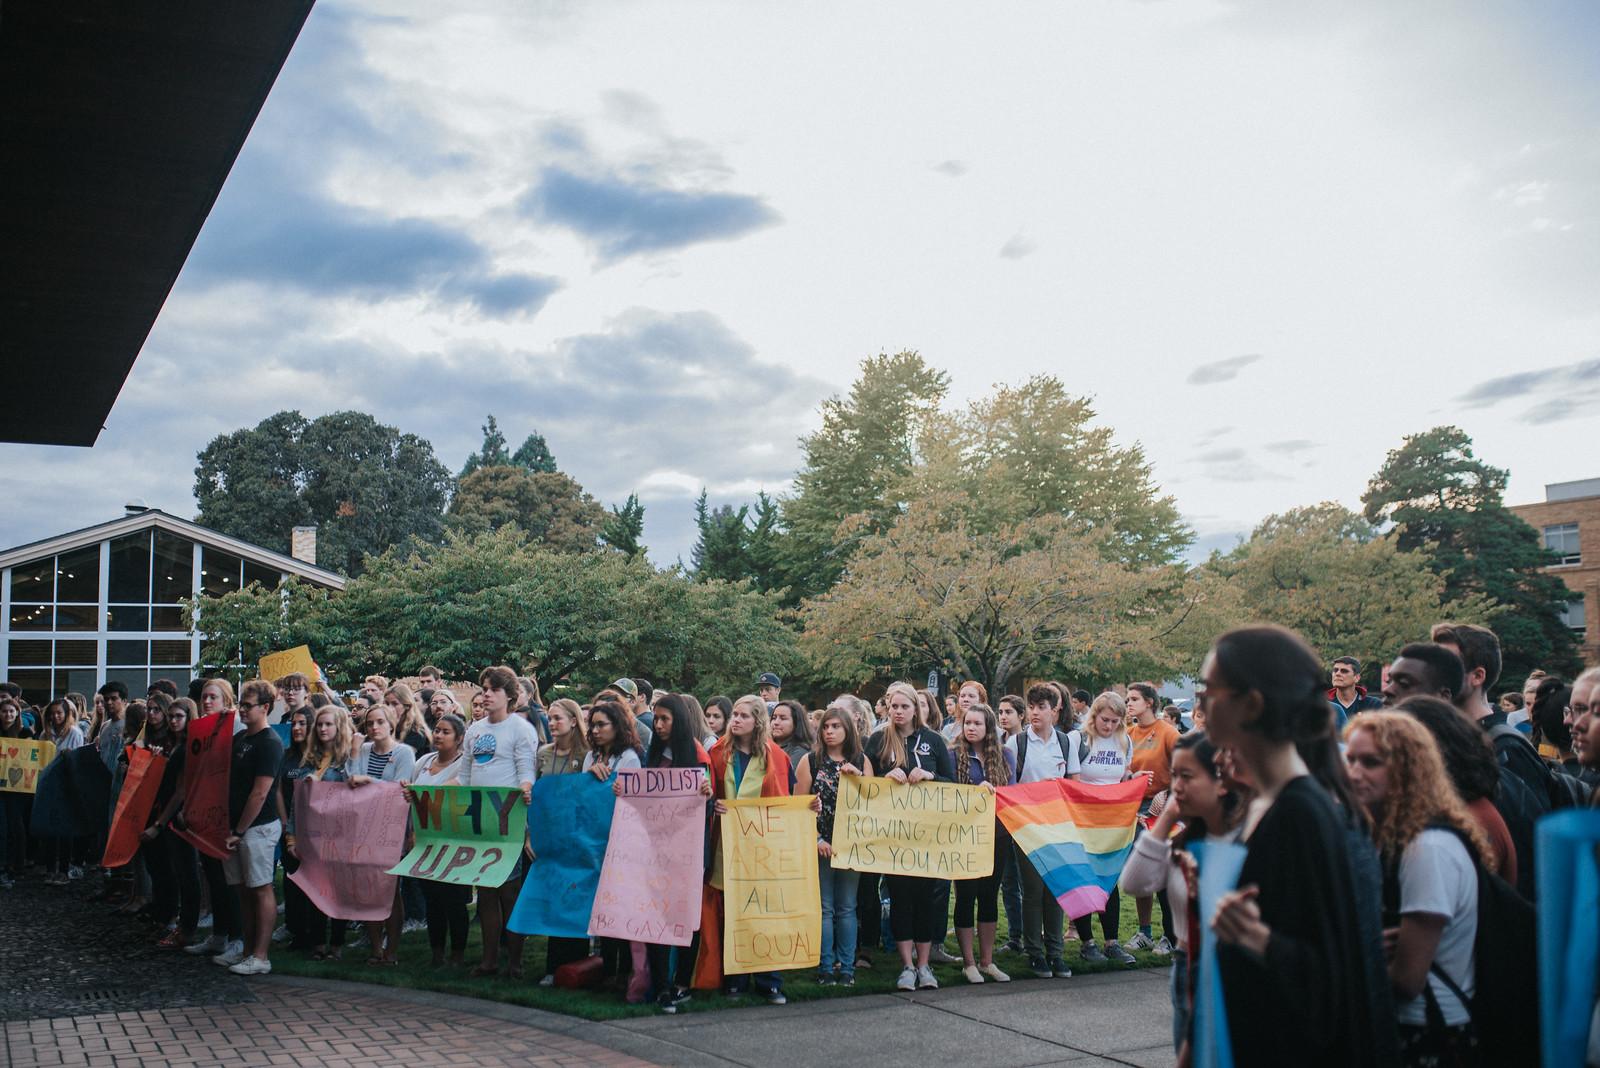 09.19.2018 LGBT Protest-13-X3.jpg